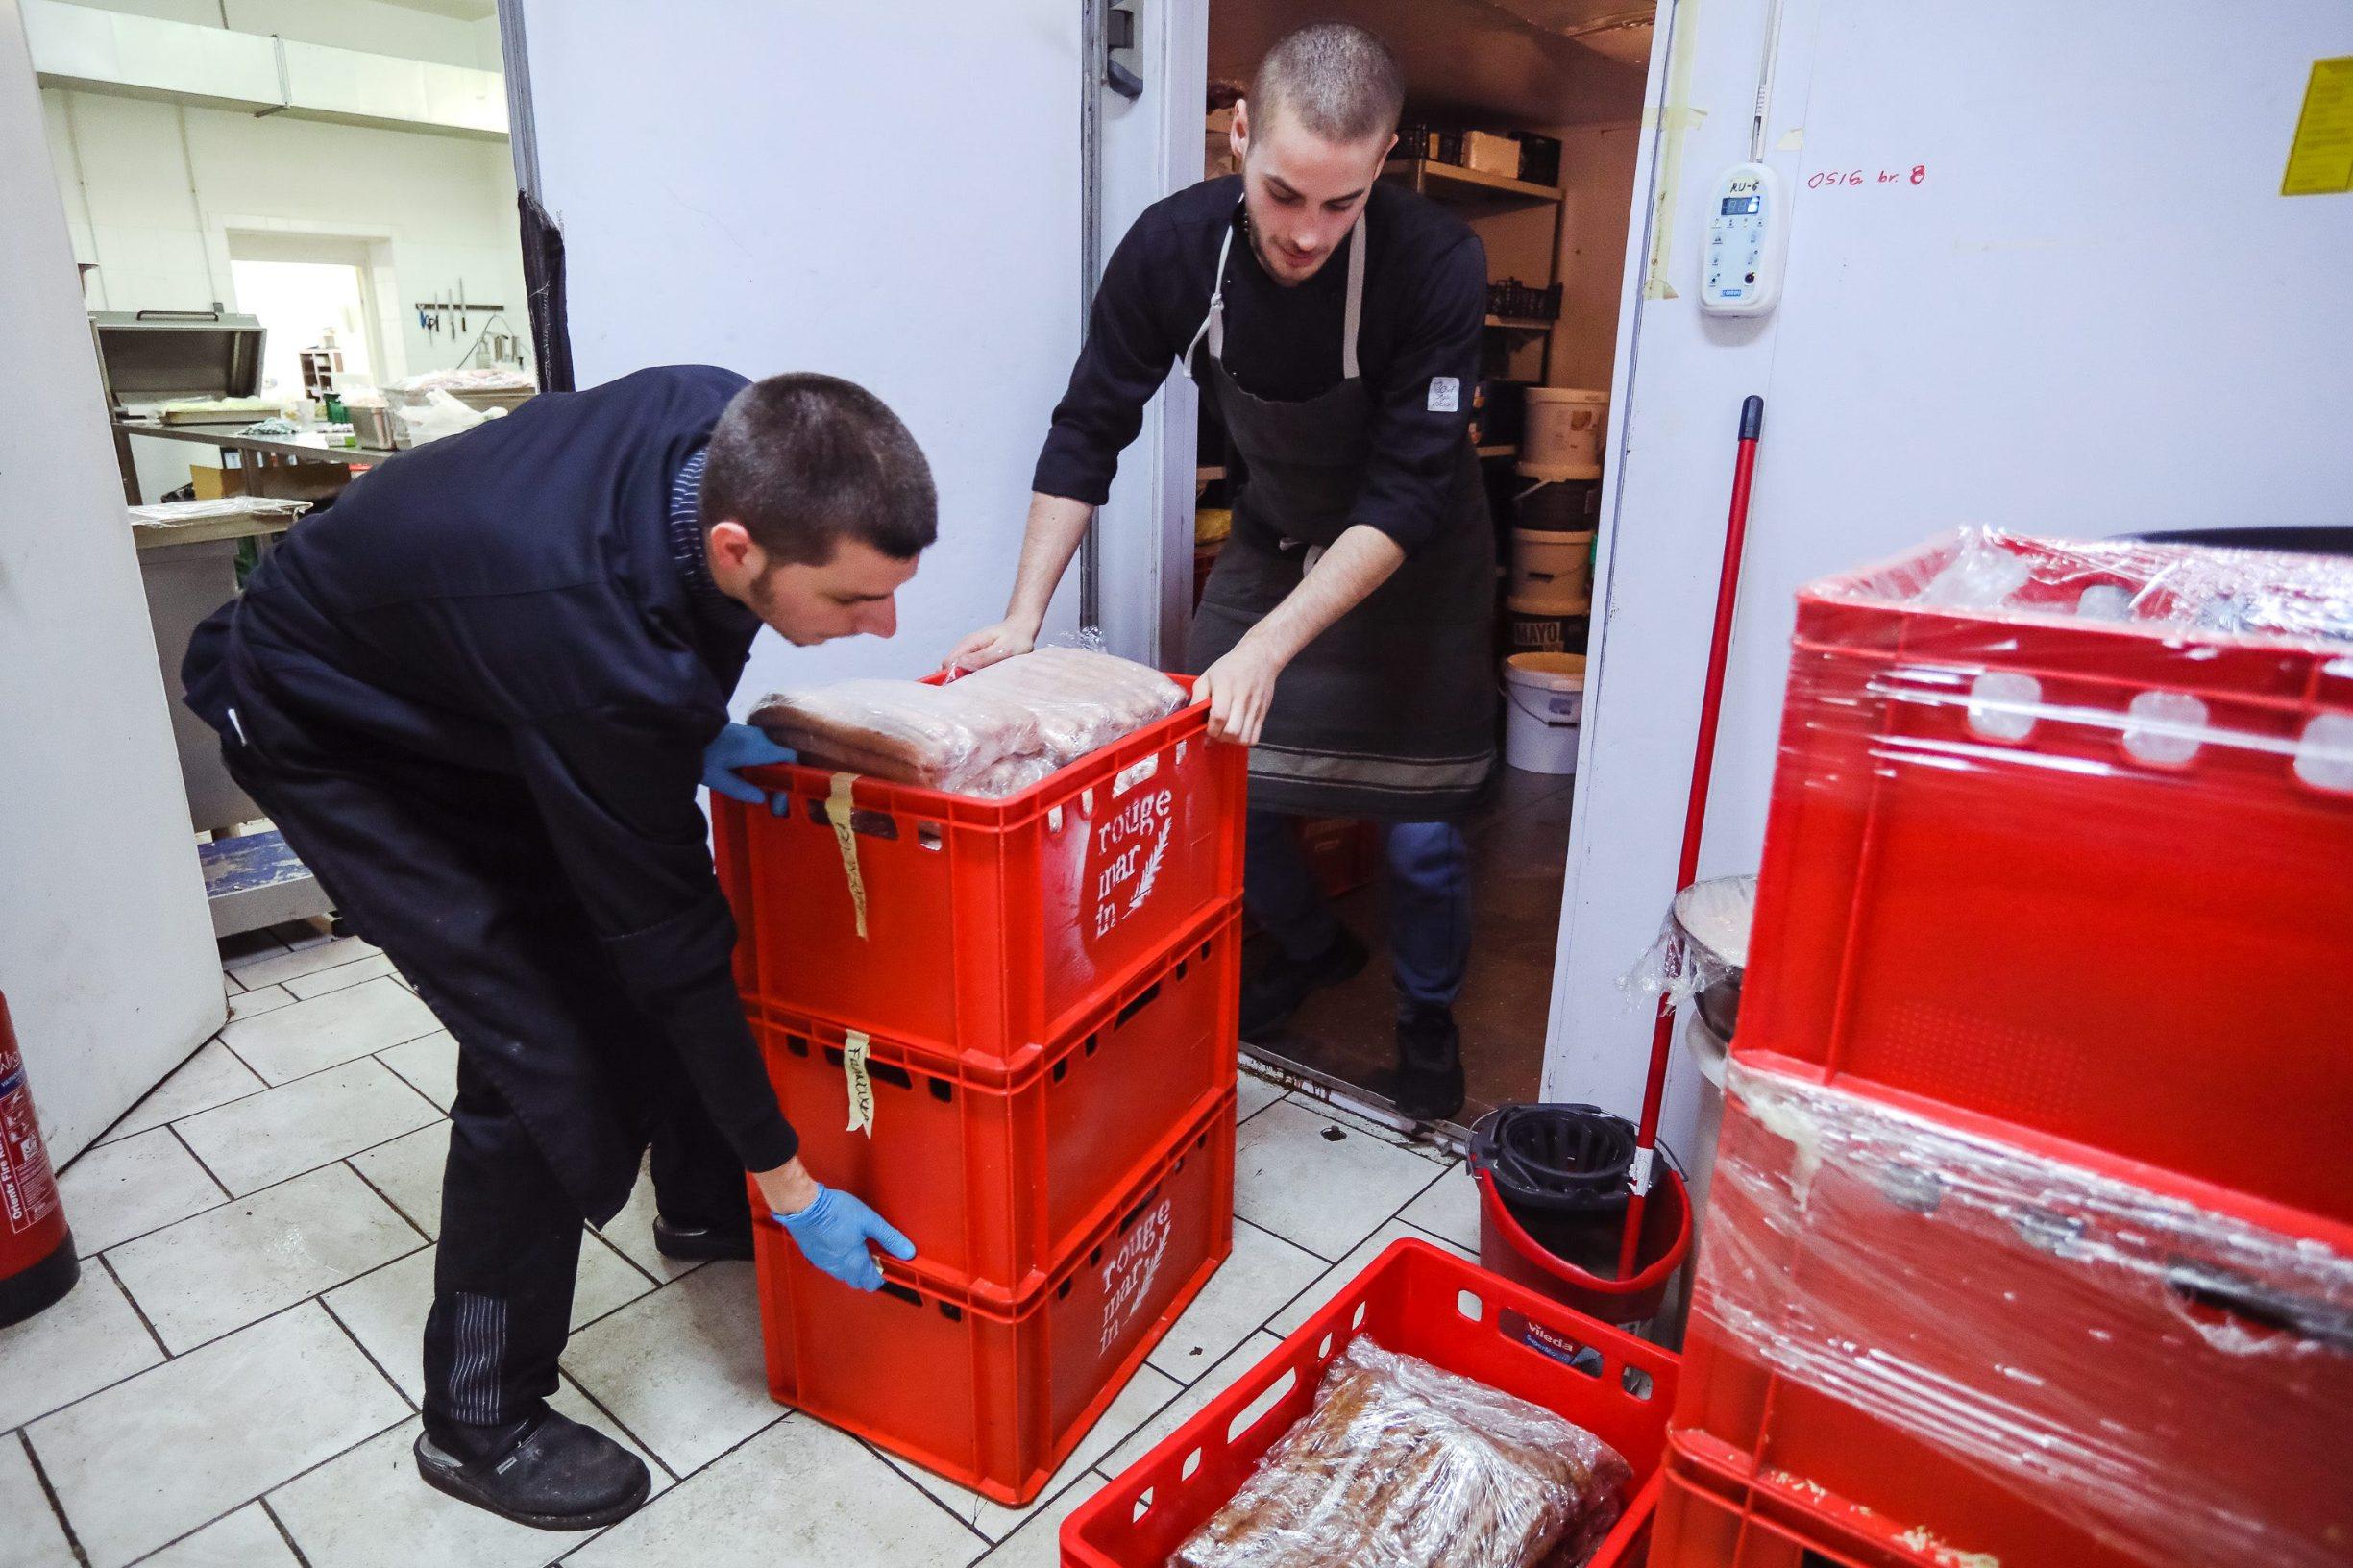 Zagreb, 291119. Pripreme uoci otvaranja adventa u restoranu Rougemarin. Na fotografiji: pripreme.  Foto: Marko Todorov / CROPIX